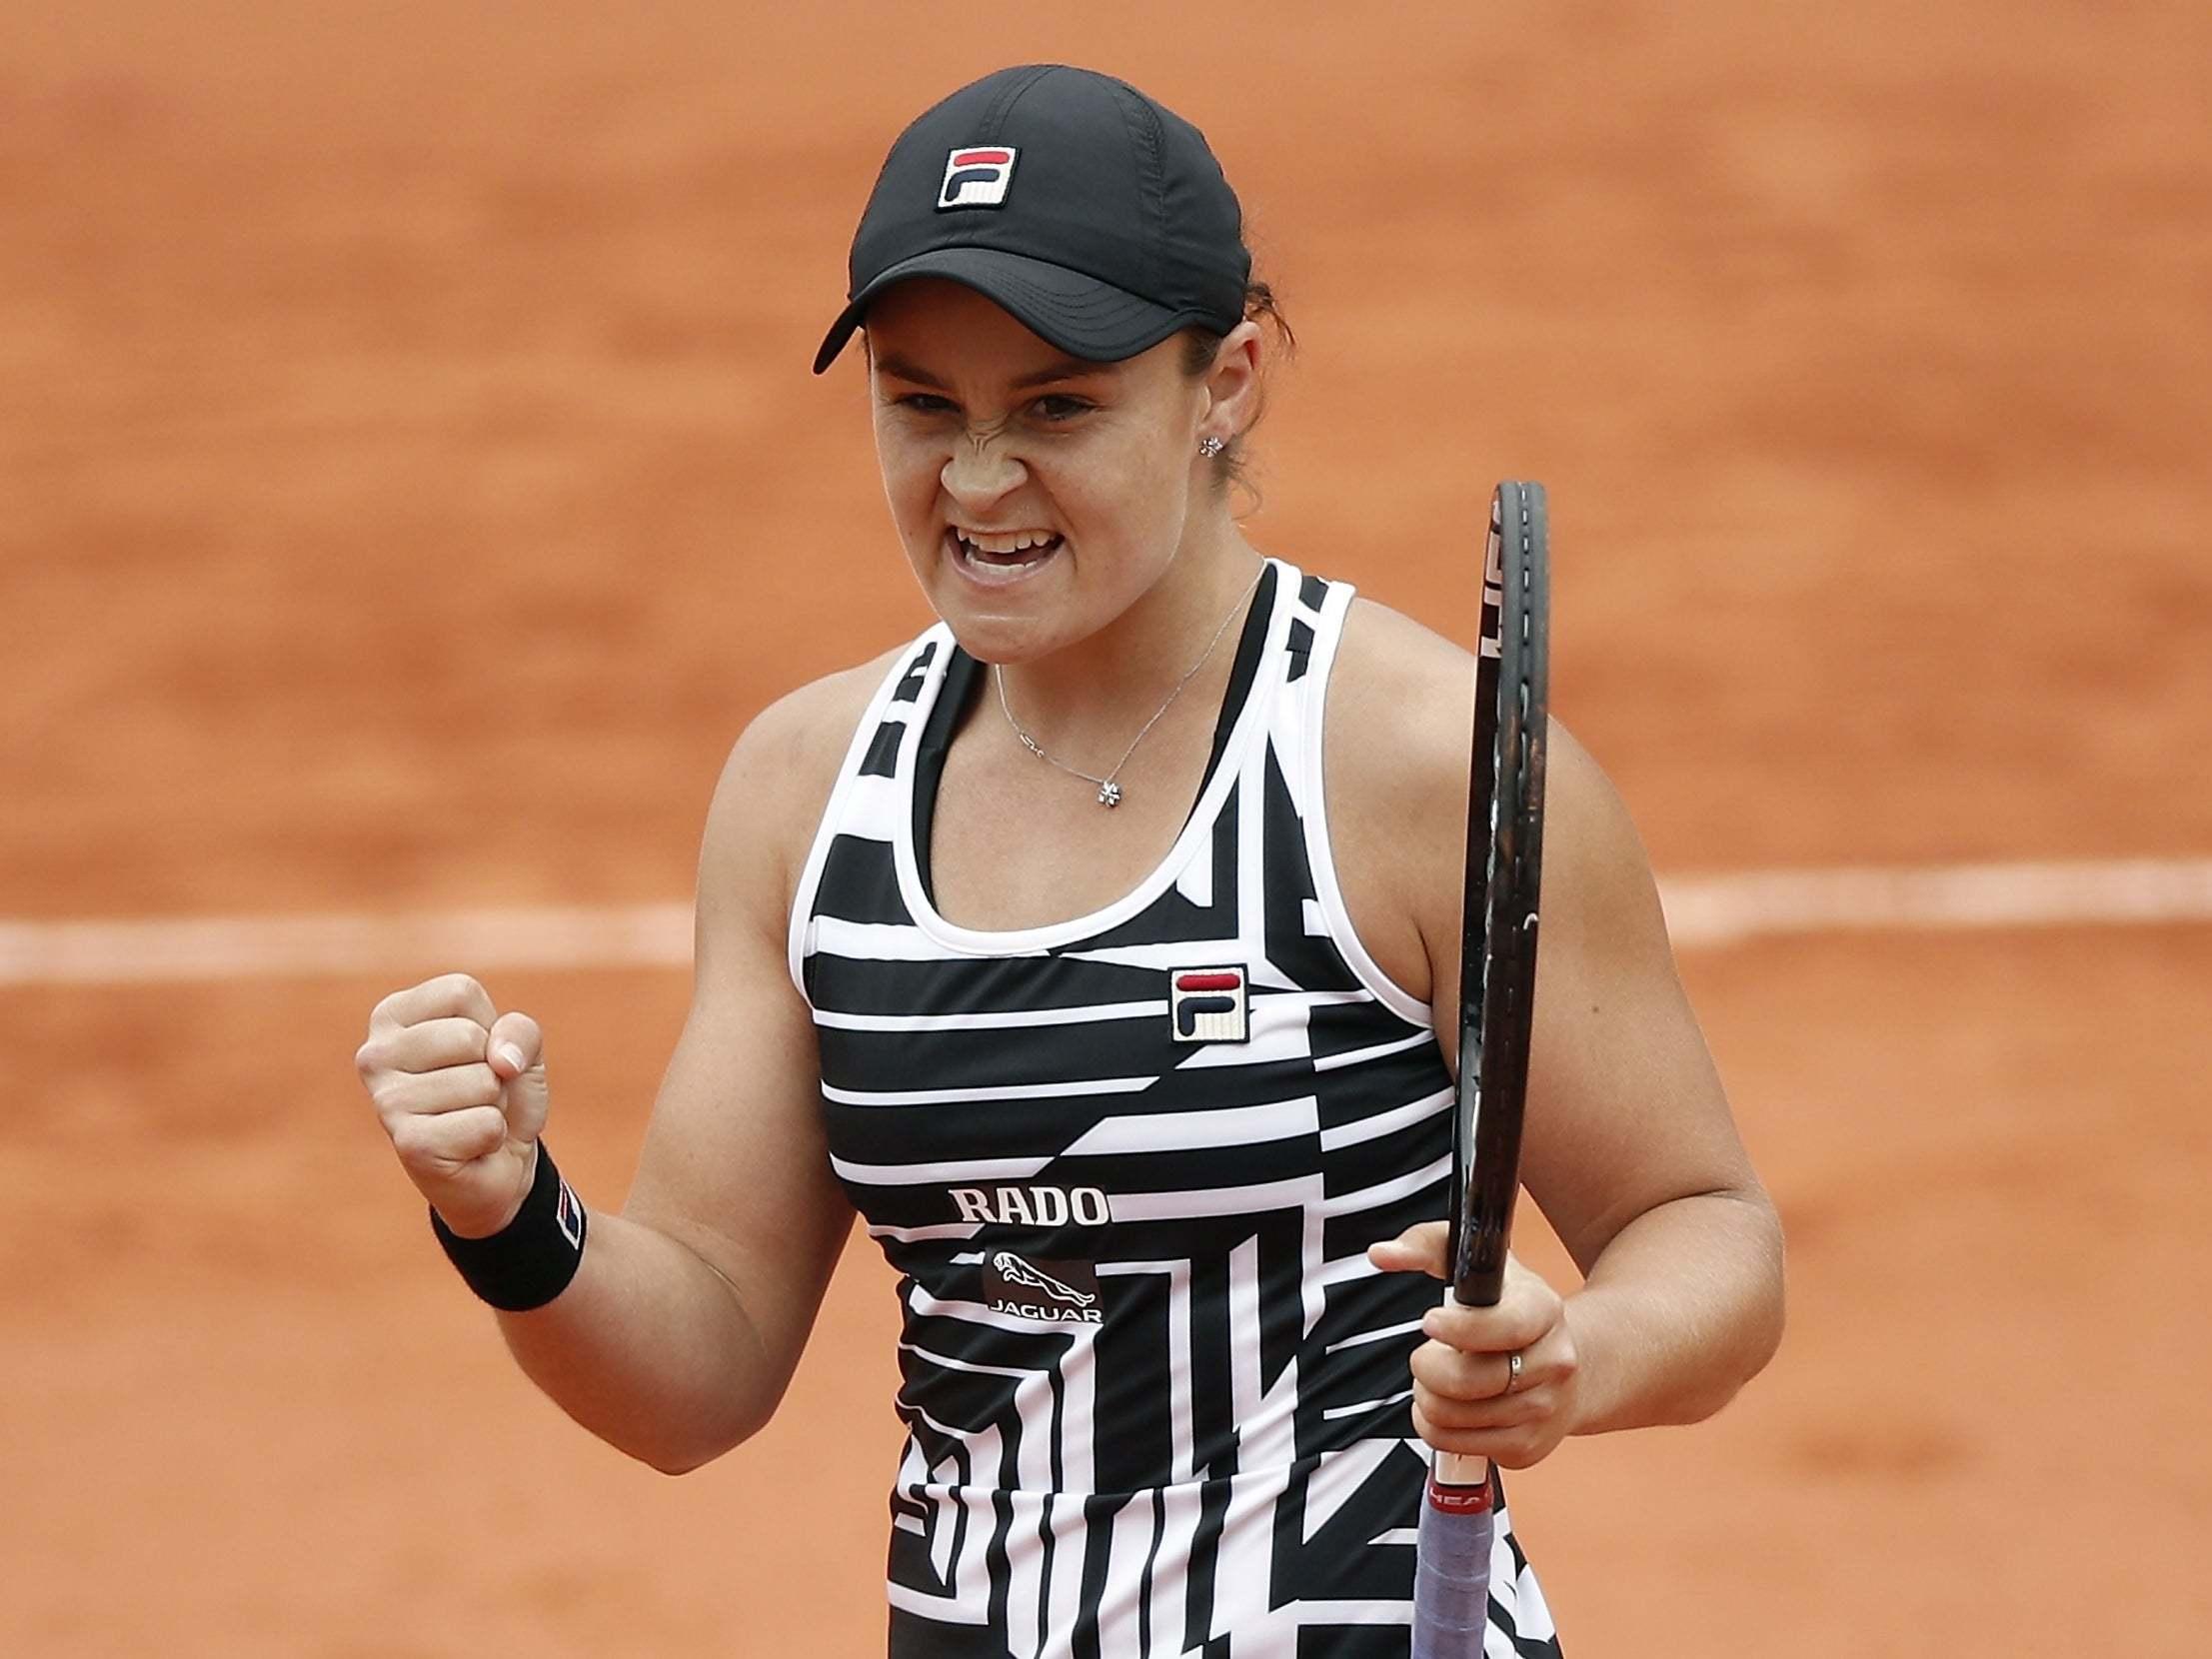 Surpriză imensă la Australian Open! Ce a pățit, Numărul 1 mondial, Ashleigh Barty. FOTO 10